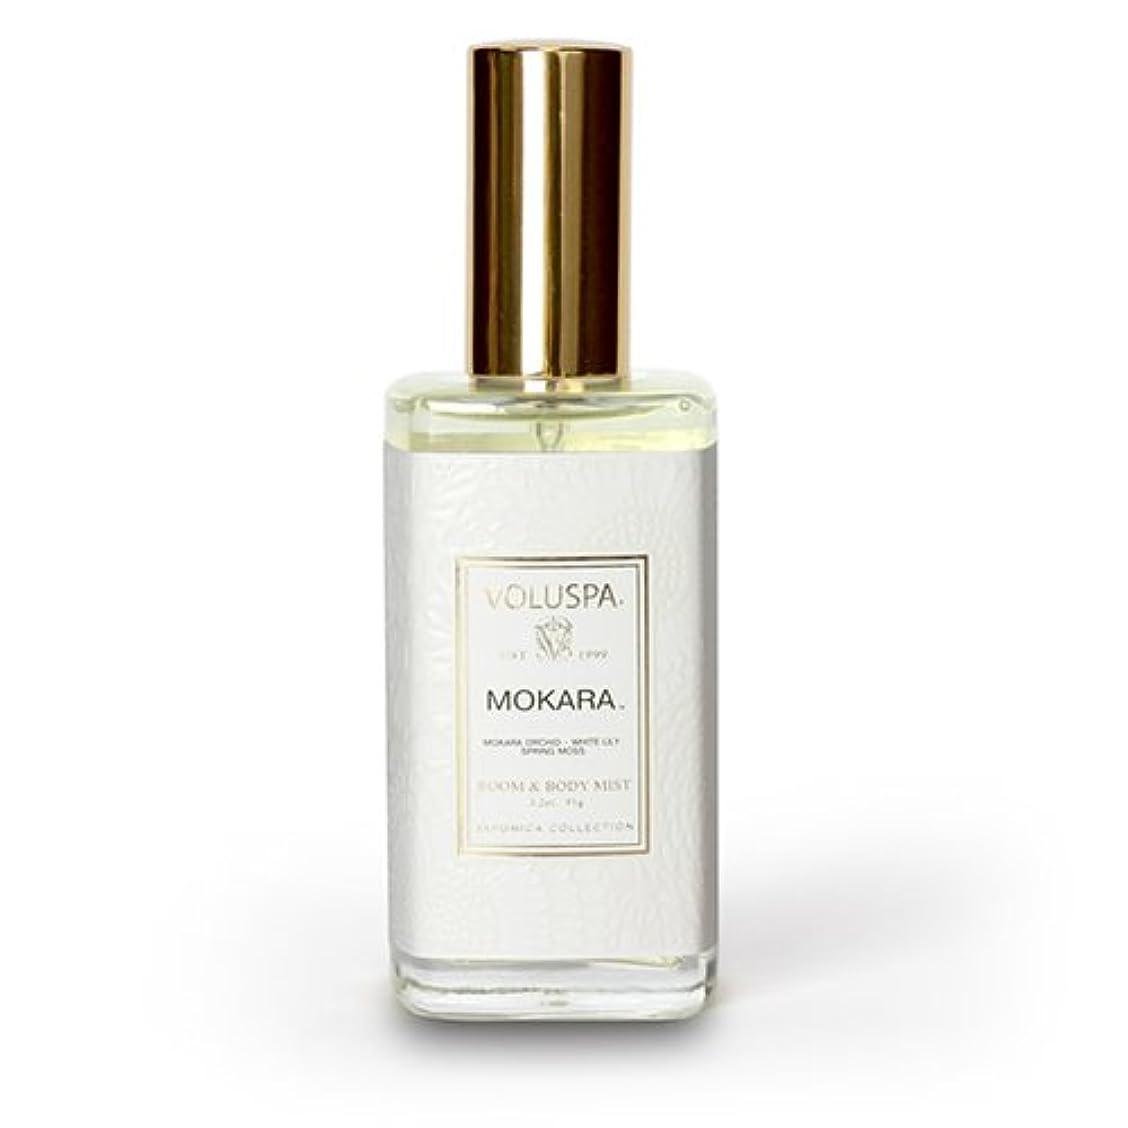 オペレーター専門化する石鹸Voluspa ボルスパ ジャポニカ ルーム&ボディミスト モカラ JAPONICA Room&Body Mist MOKARA